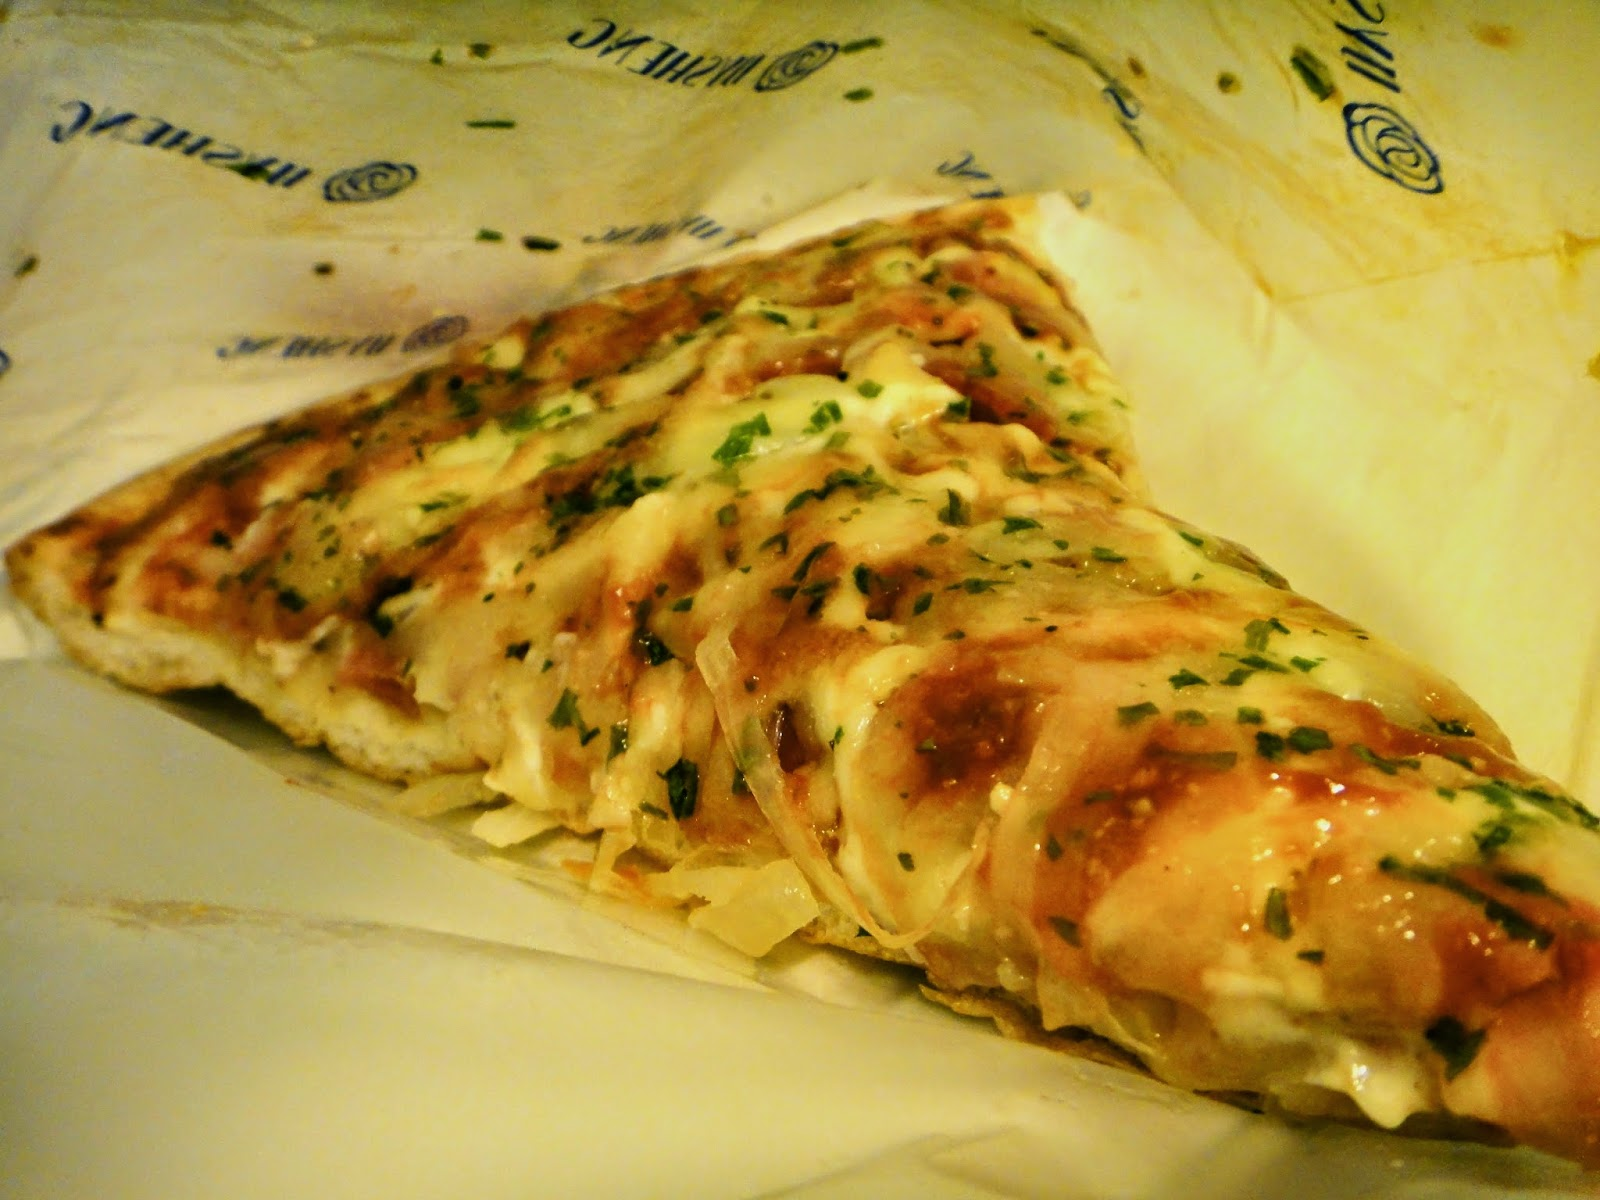 IJY Sheng Pizza Bread Taipei